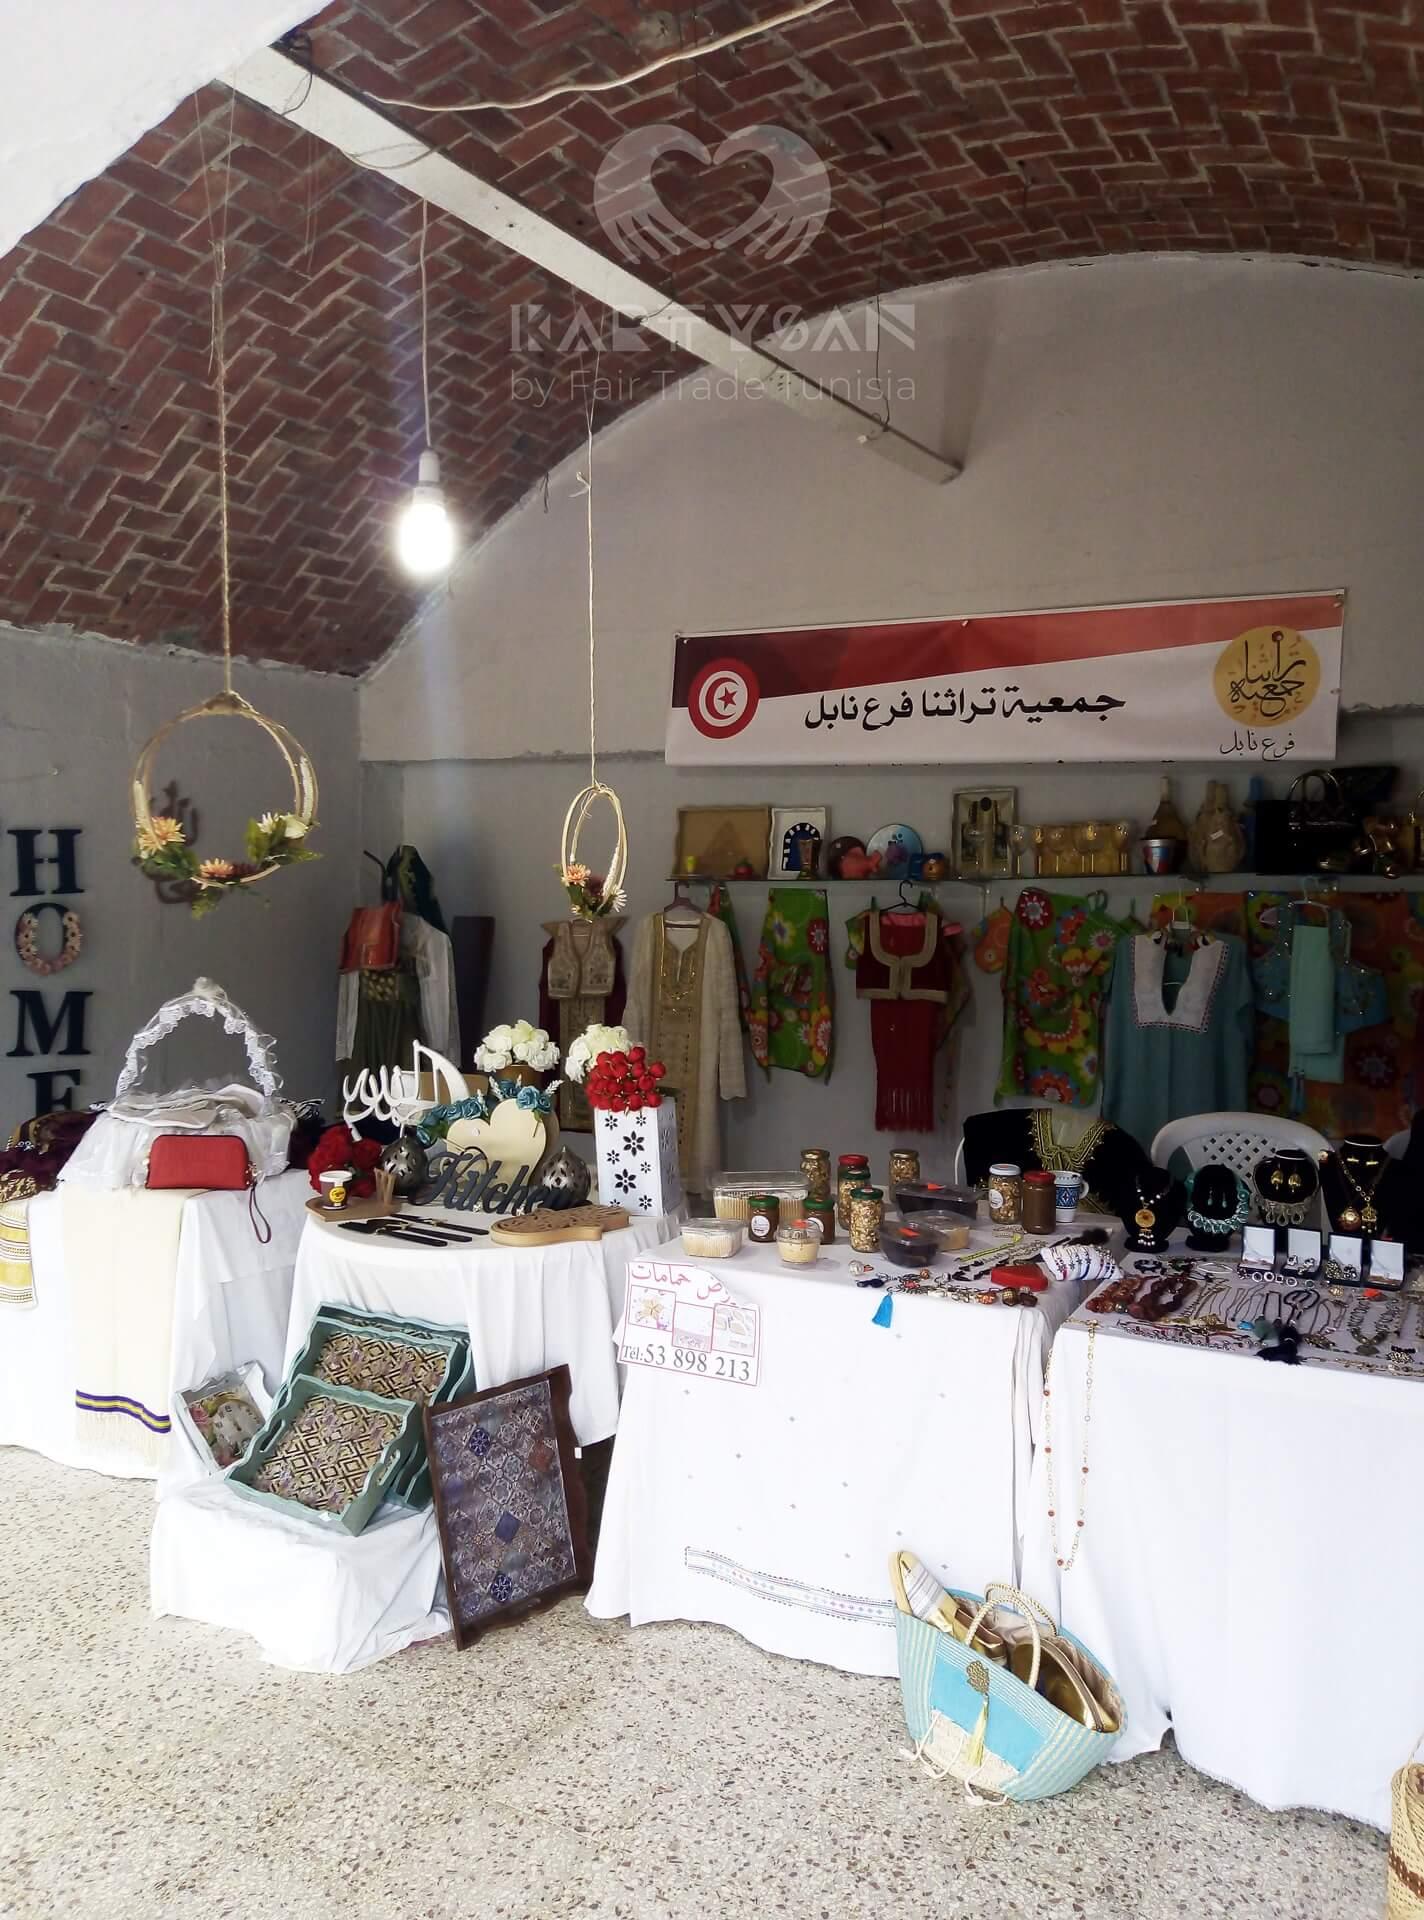 Foire de lartisanat et de lhabit traditionnel de Nabeul edition 2021 13-kartysan